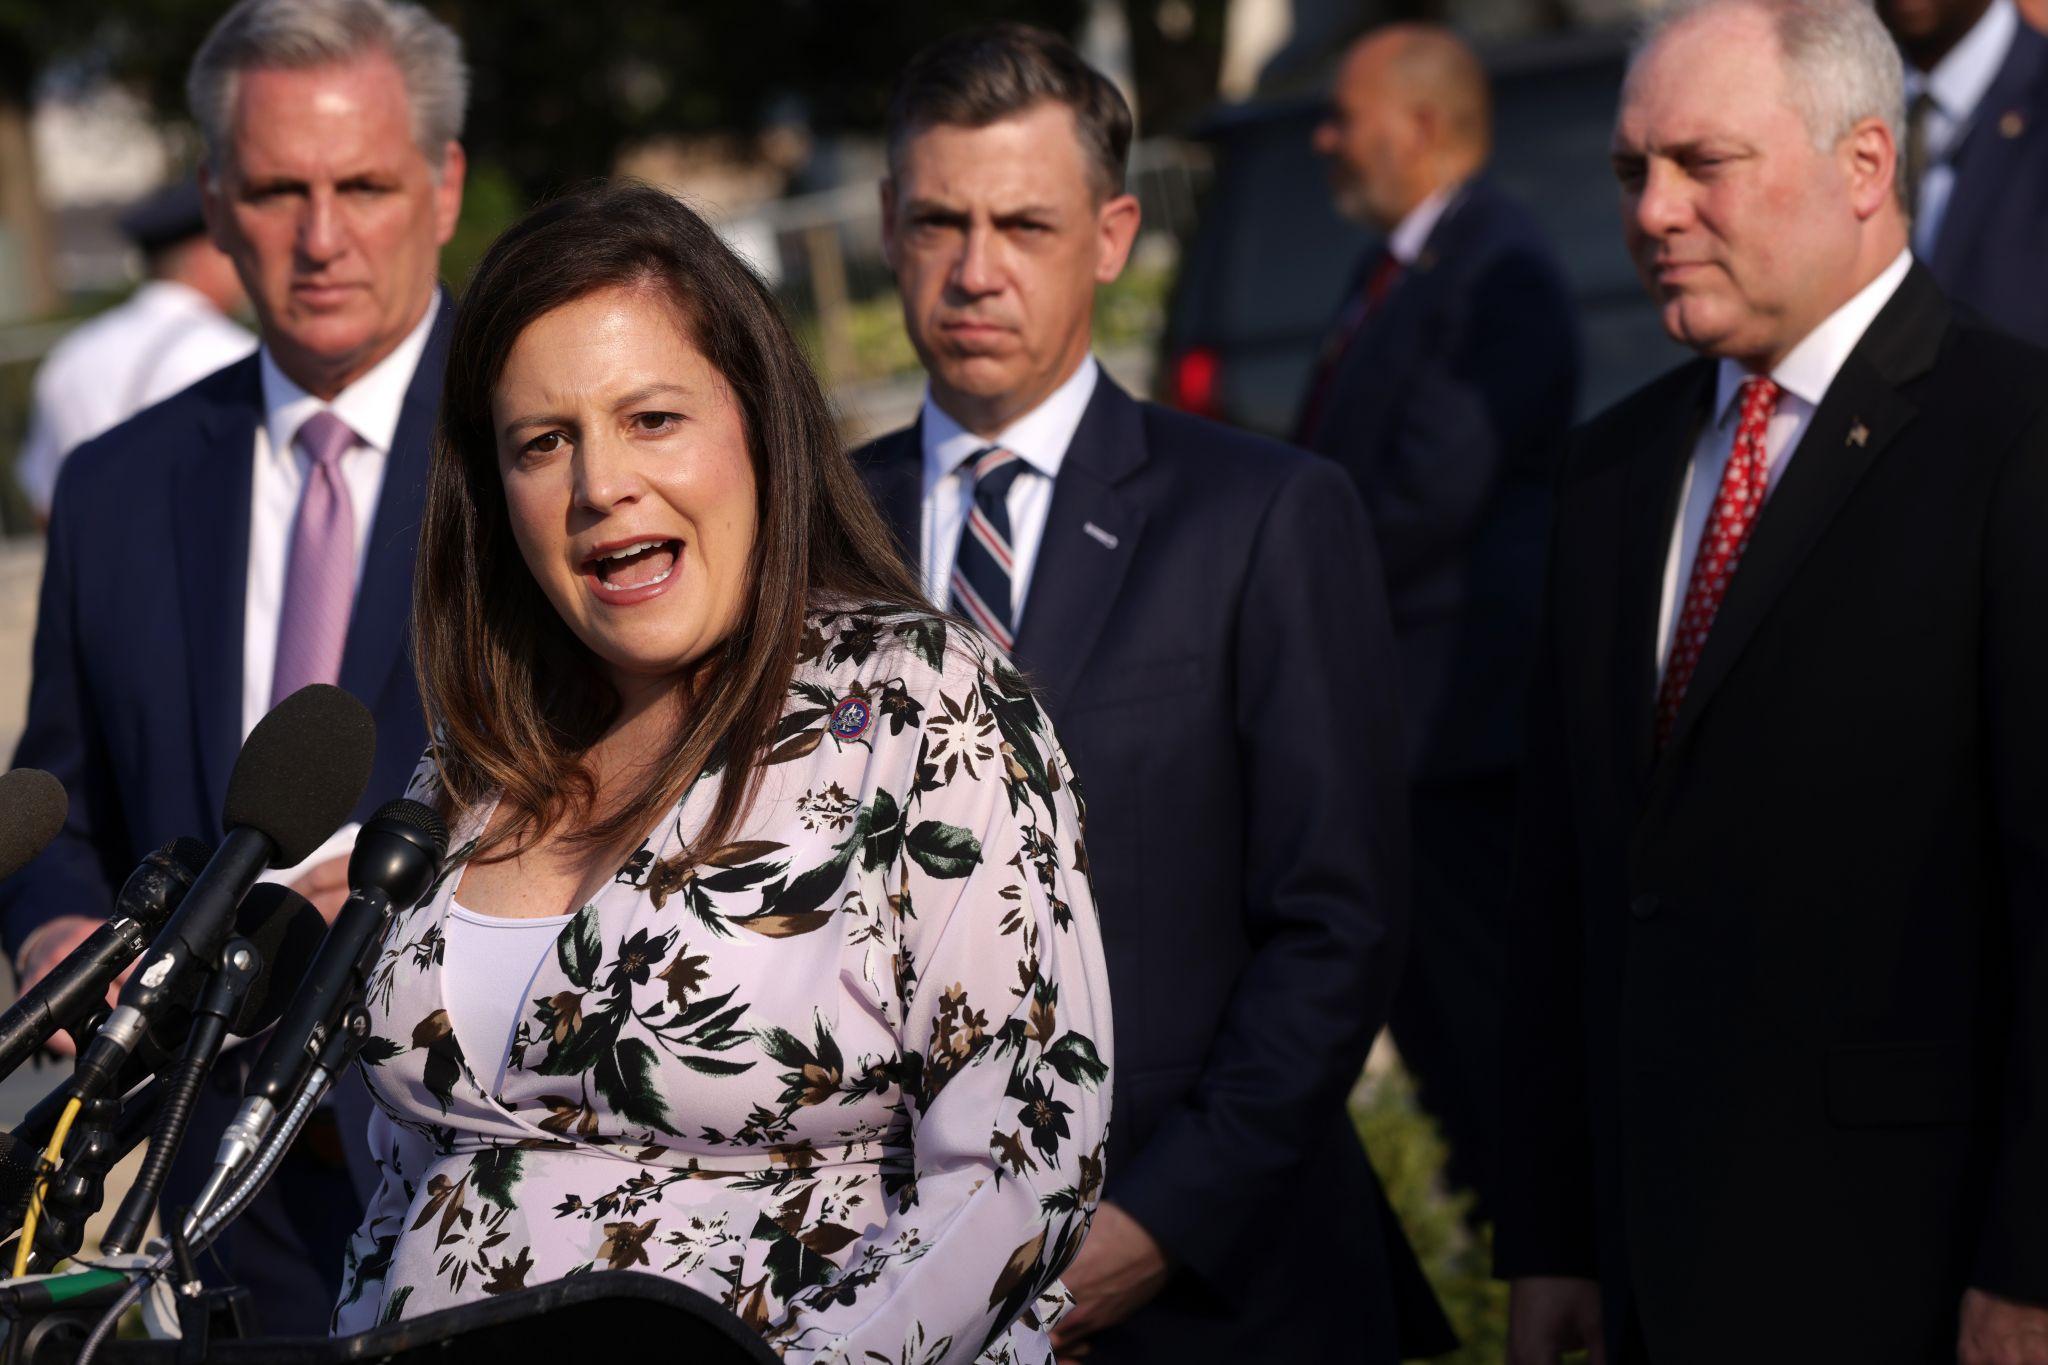 Rep. Elise Stefanik blames House Speaker Pelosi for Jan. 6 insurrection